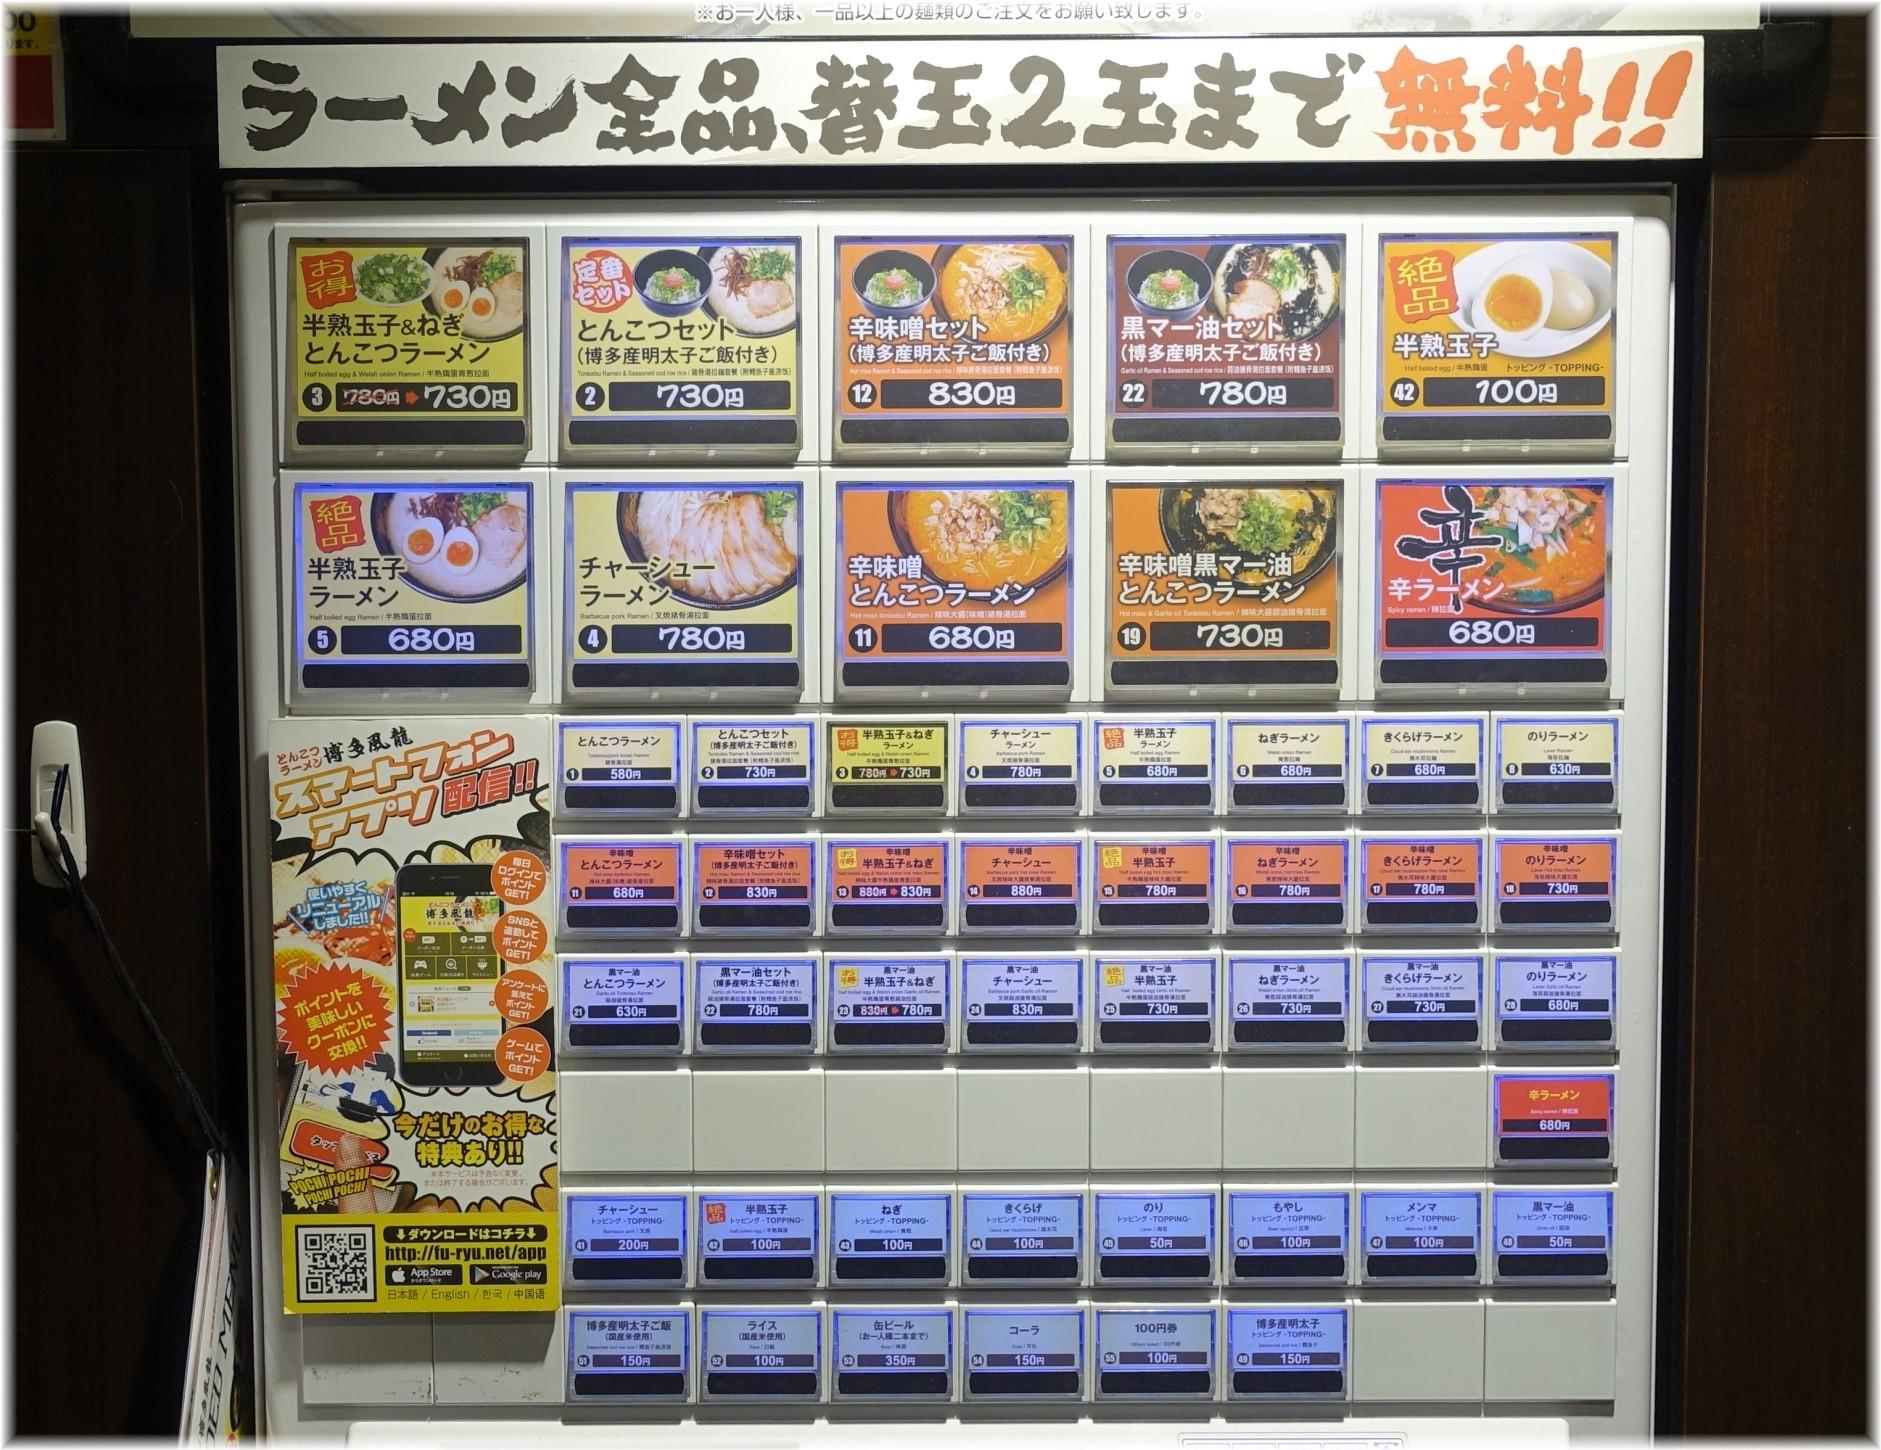 博多風龍大宮東口駅前店 食券機